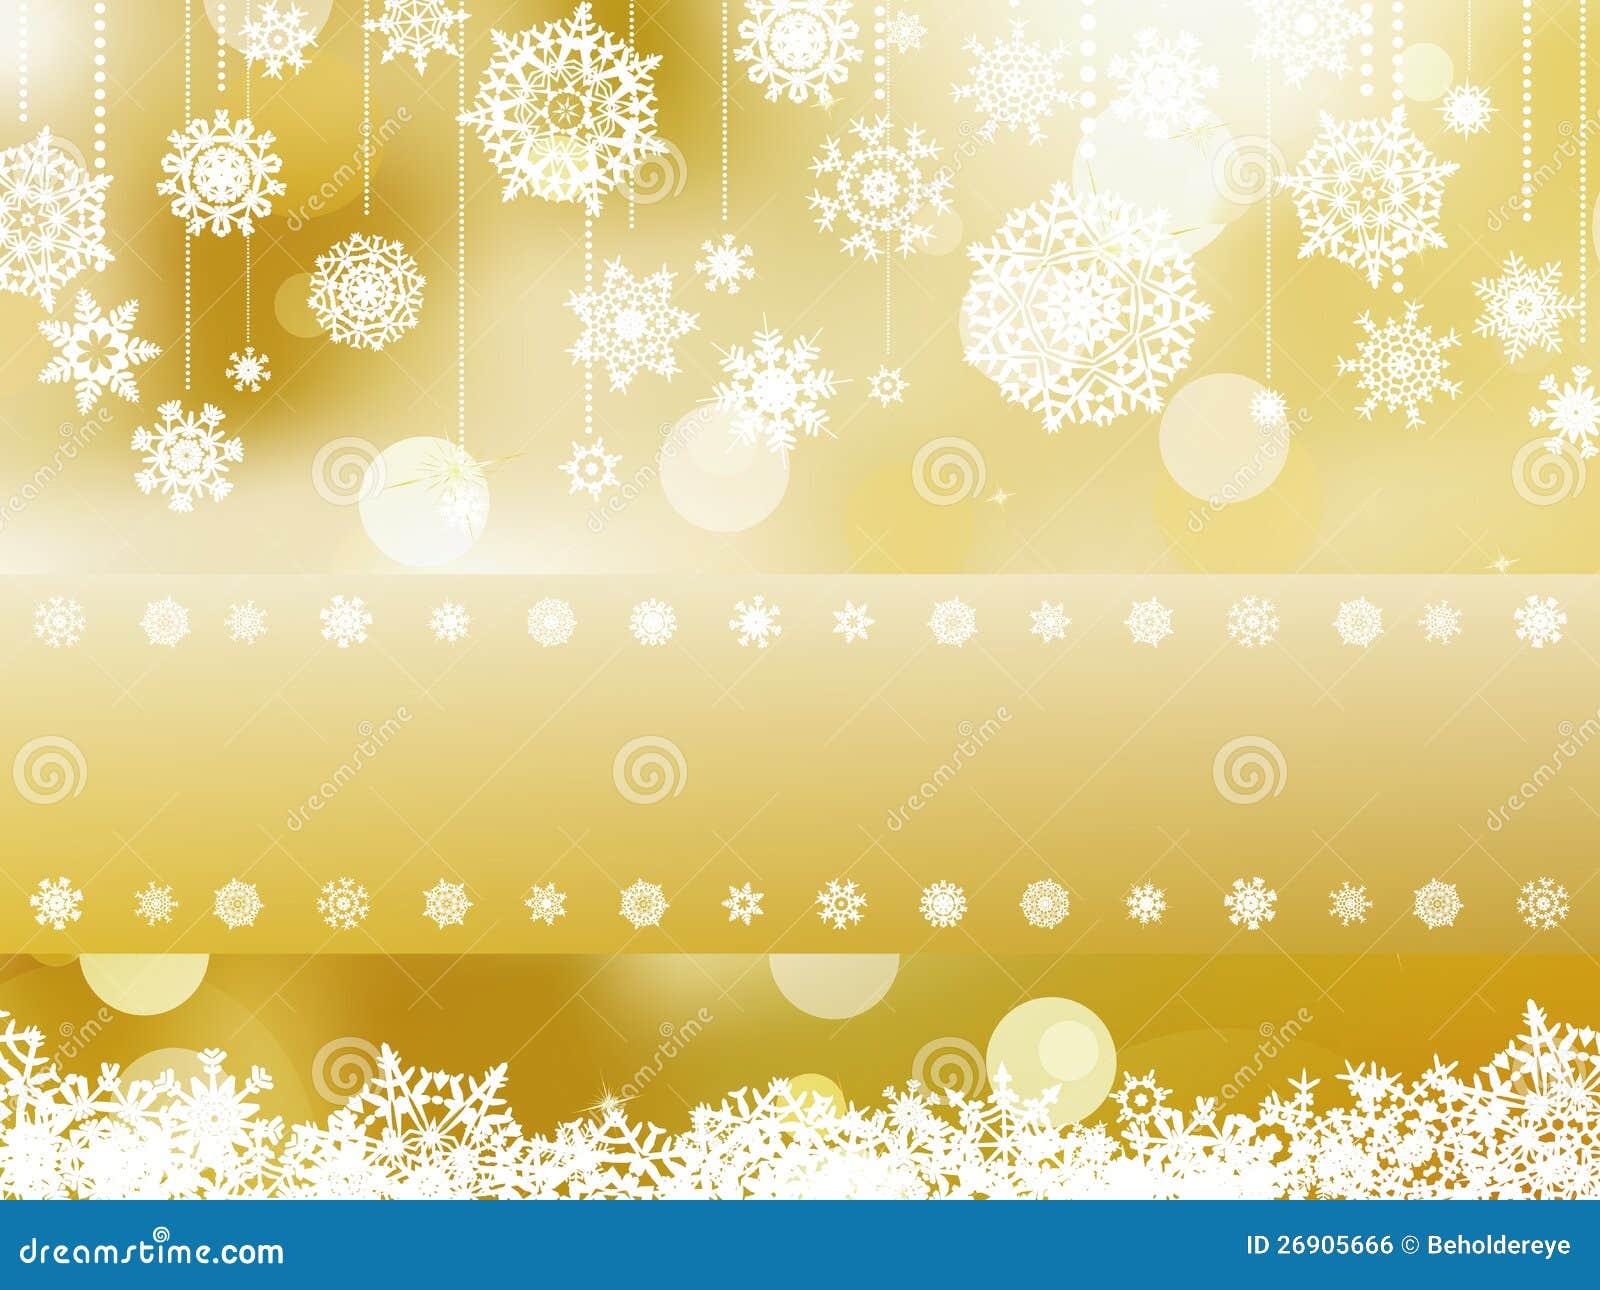 Invitaci n elegante del fondo de la navidad eps 8 - Tarjetas de navidad elegantes ...